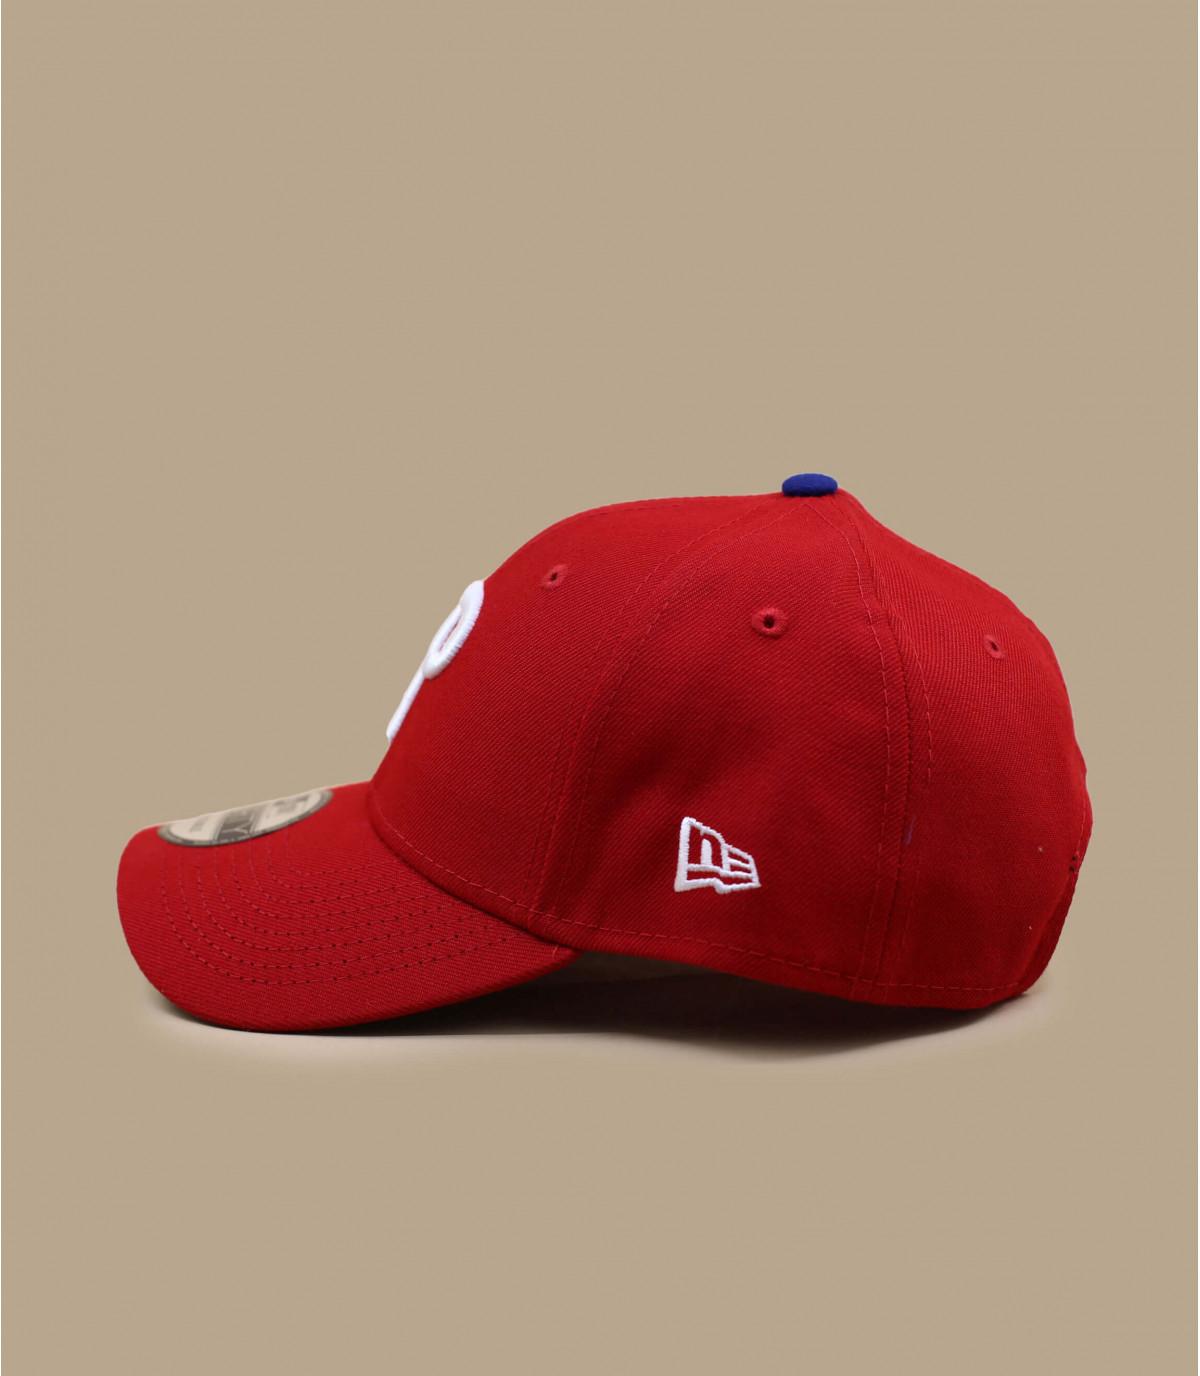 Détails Casquette Phillies MLB The League - image 2